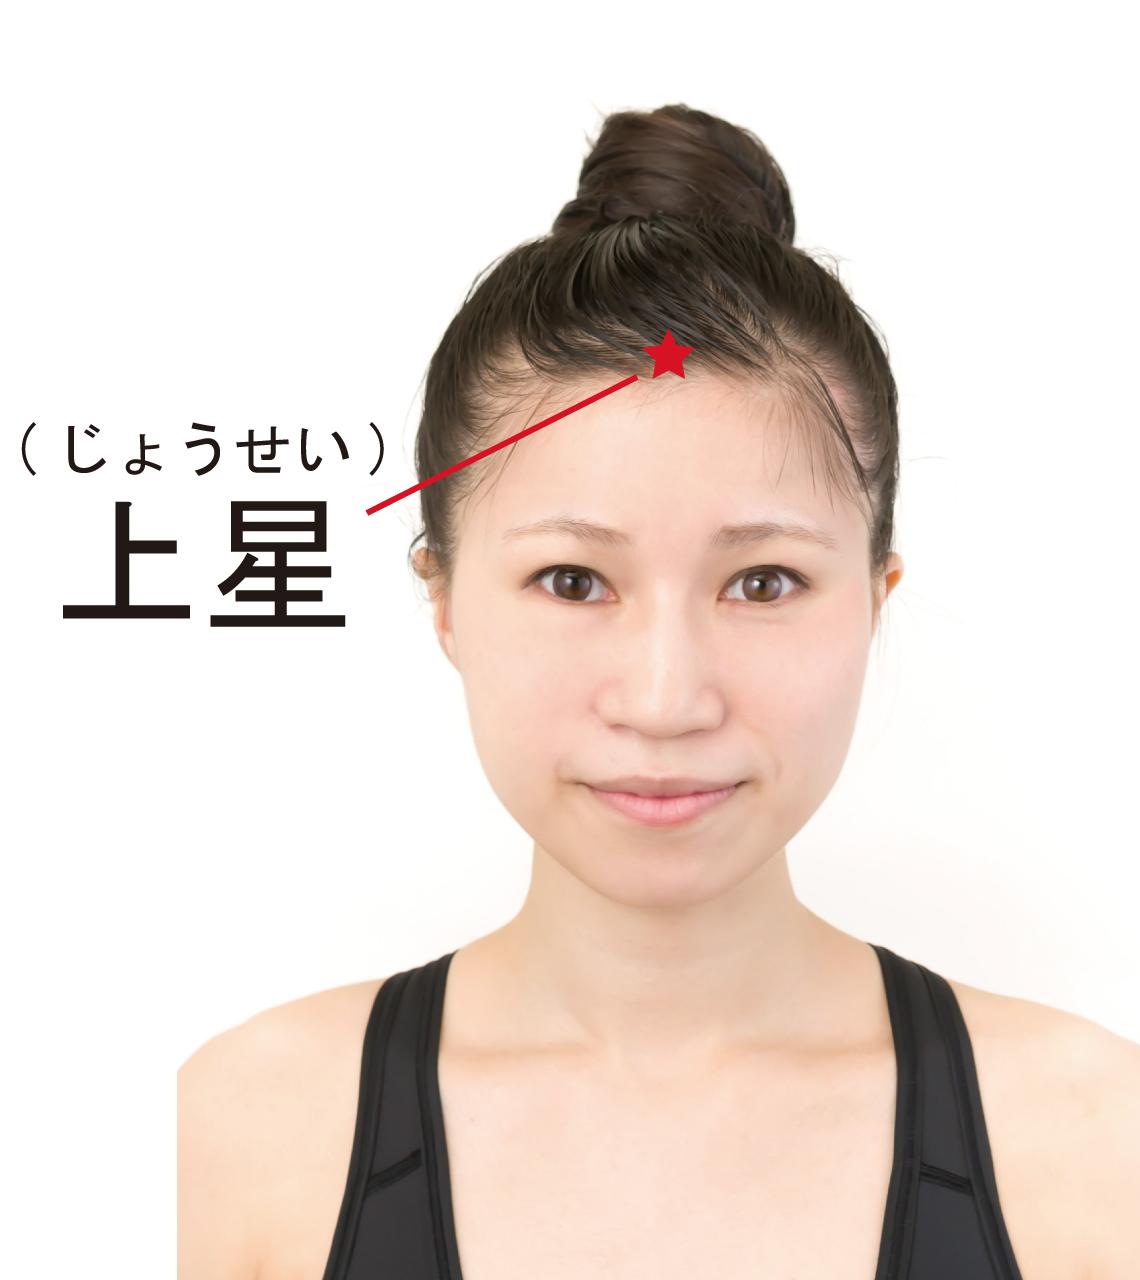 薄毛対策のツボ「上星(じょうせい)」のツボの位置を記した女性の画像